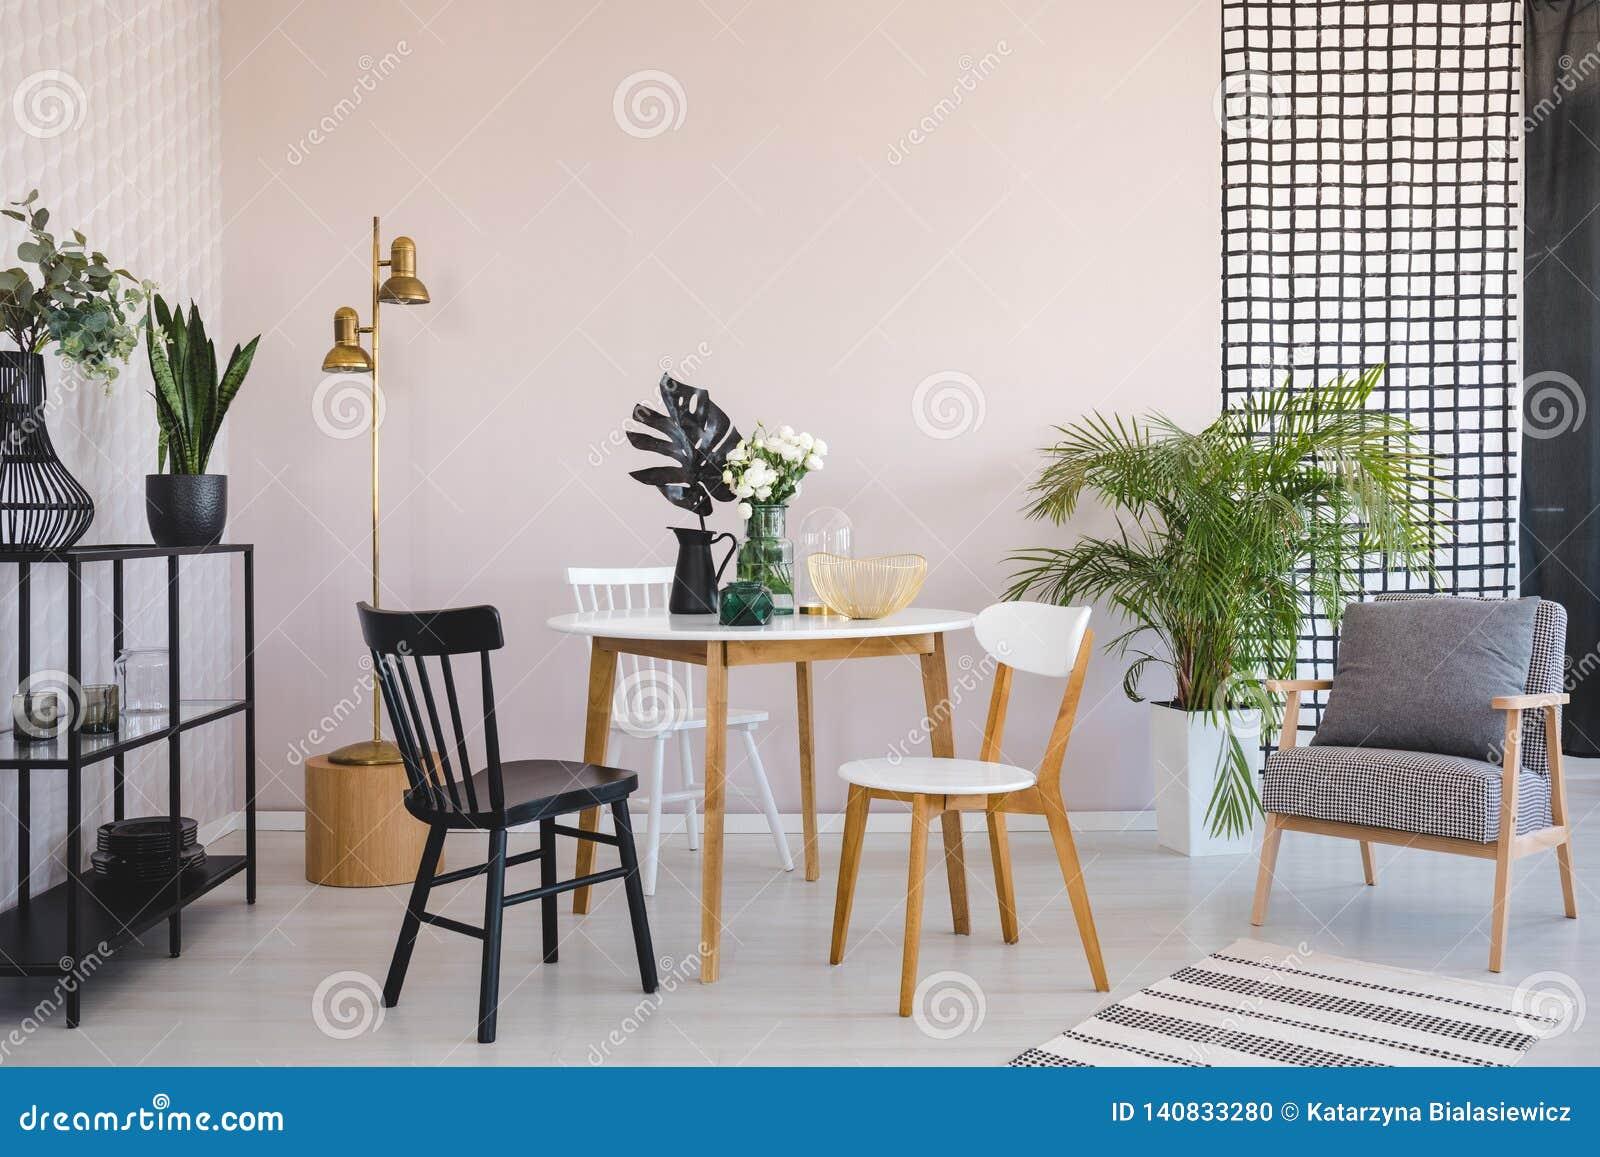 椅子在与花的木桌上在餐厅内部与扶手椅子和金灯 实际照片